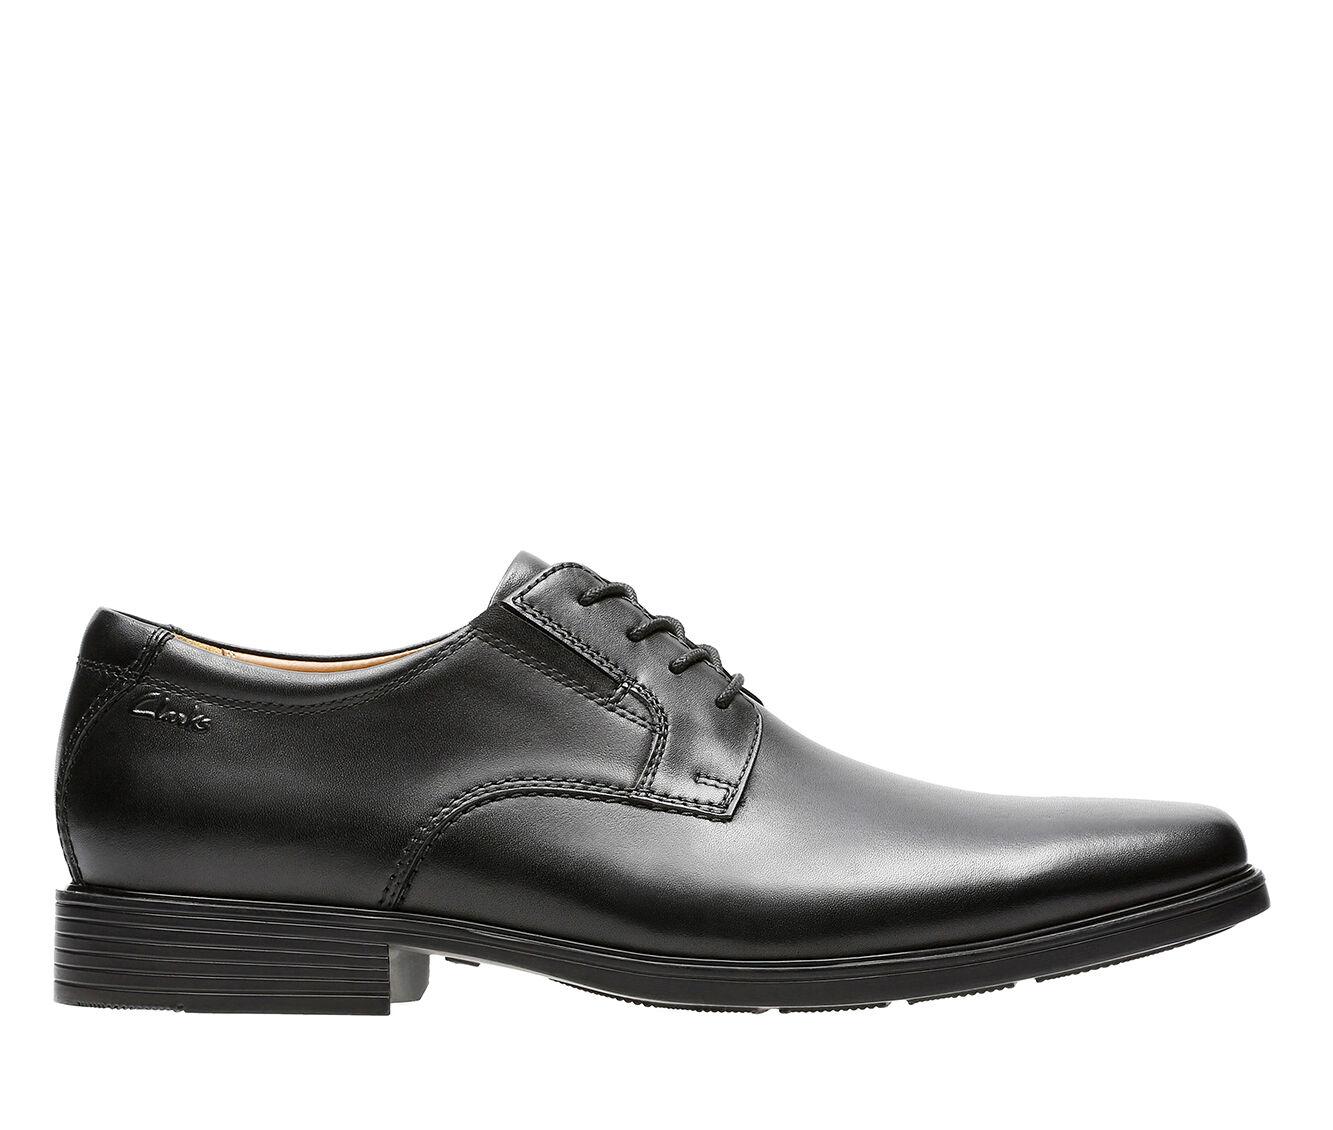 Men's Clarks Tilden Plain Toe Dress Shoes Black